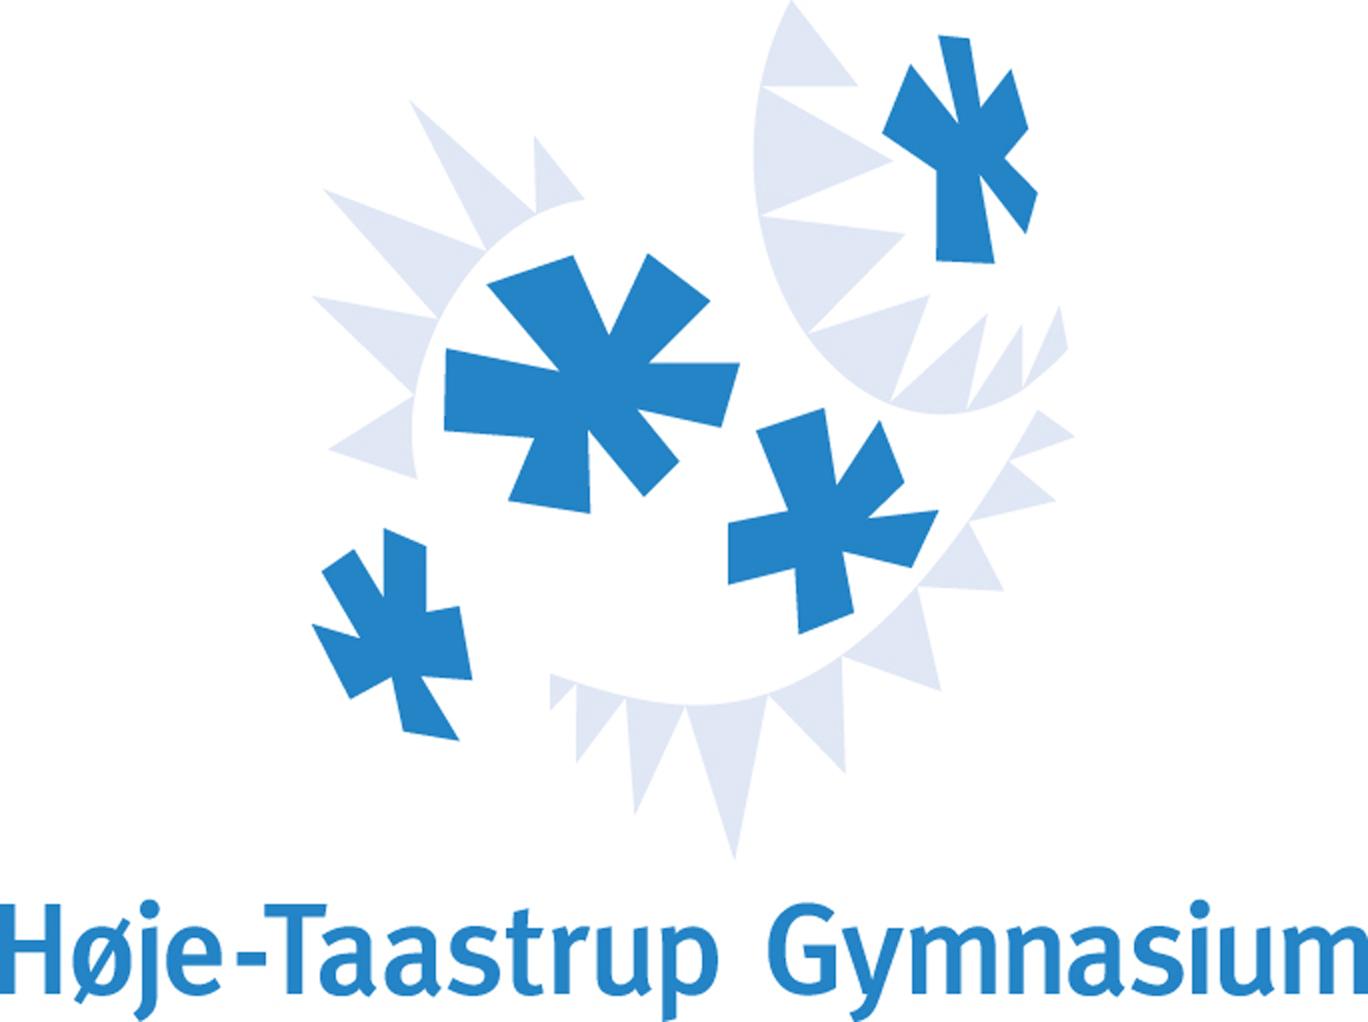 Høje-Taastrup Gymnasium